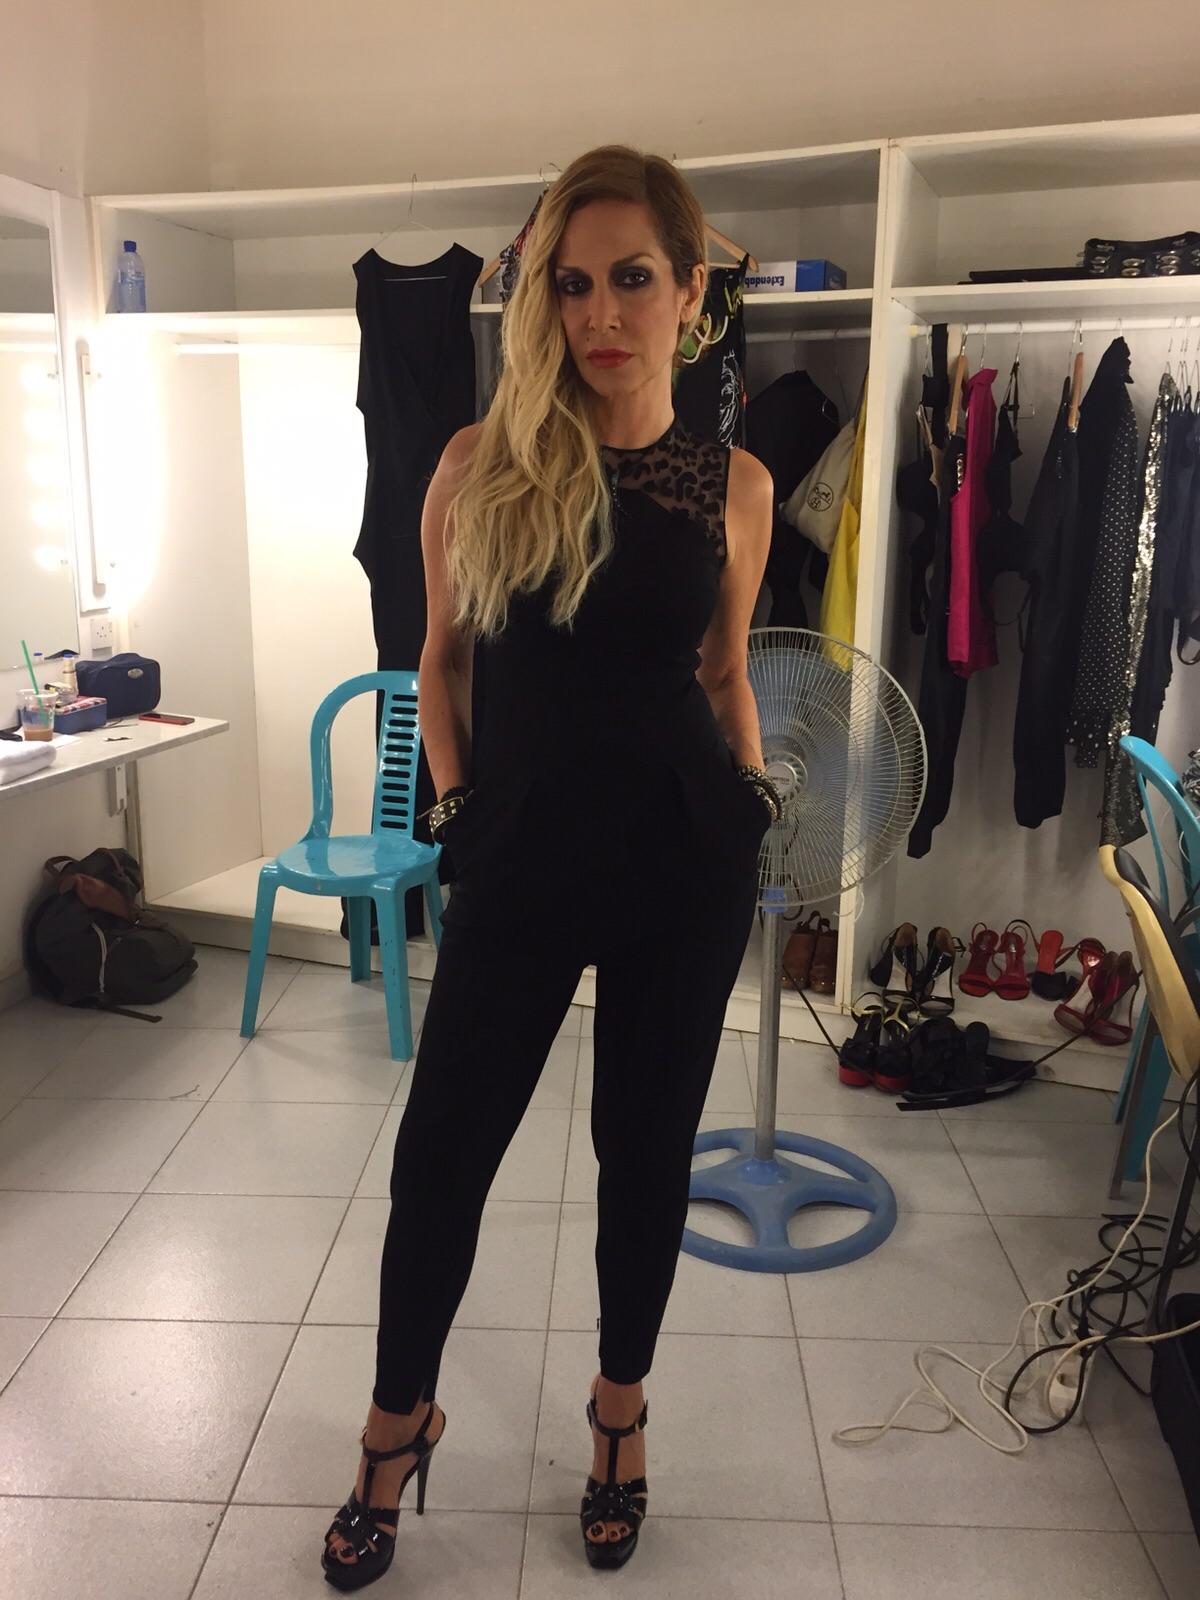 Αποκλειστικό: Η Άννα Βίσση με styling Σοφίας Καρβέλα & η συναυλία στην Κύπρο